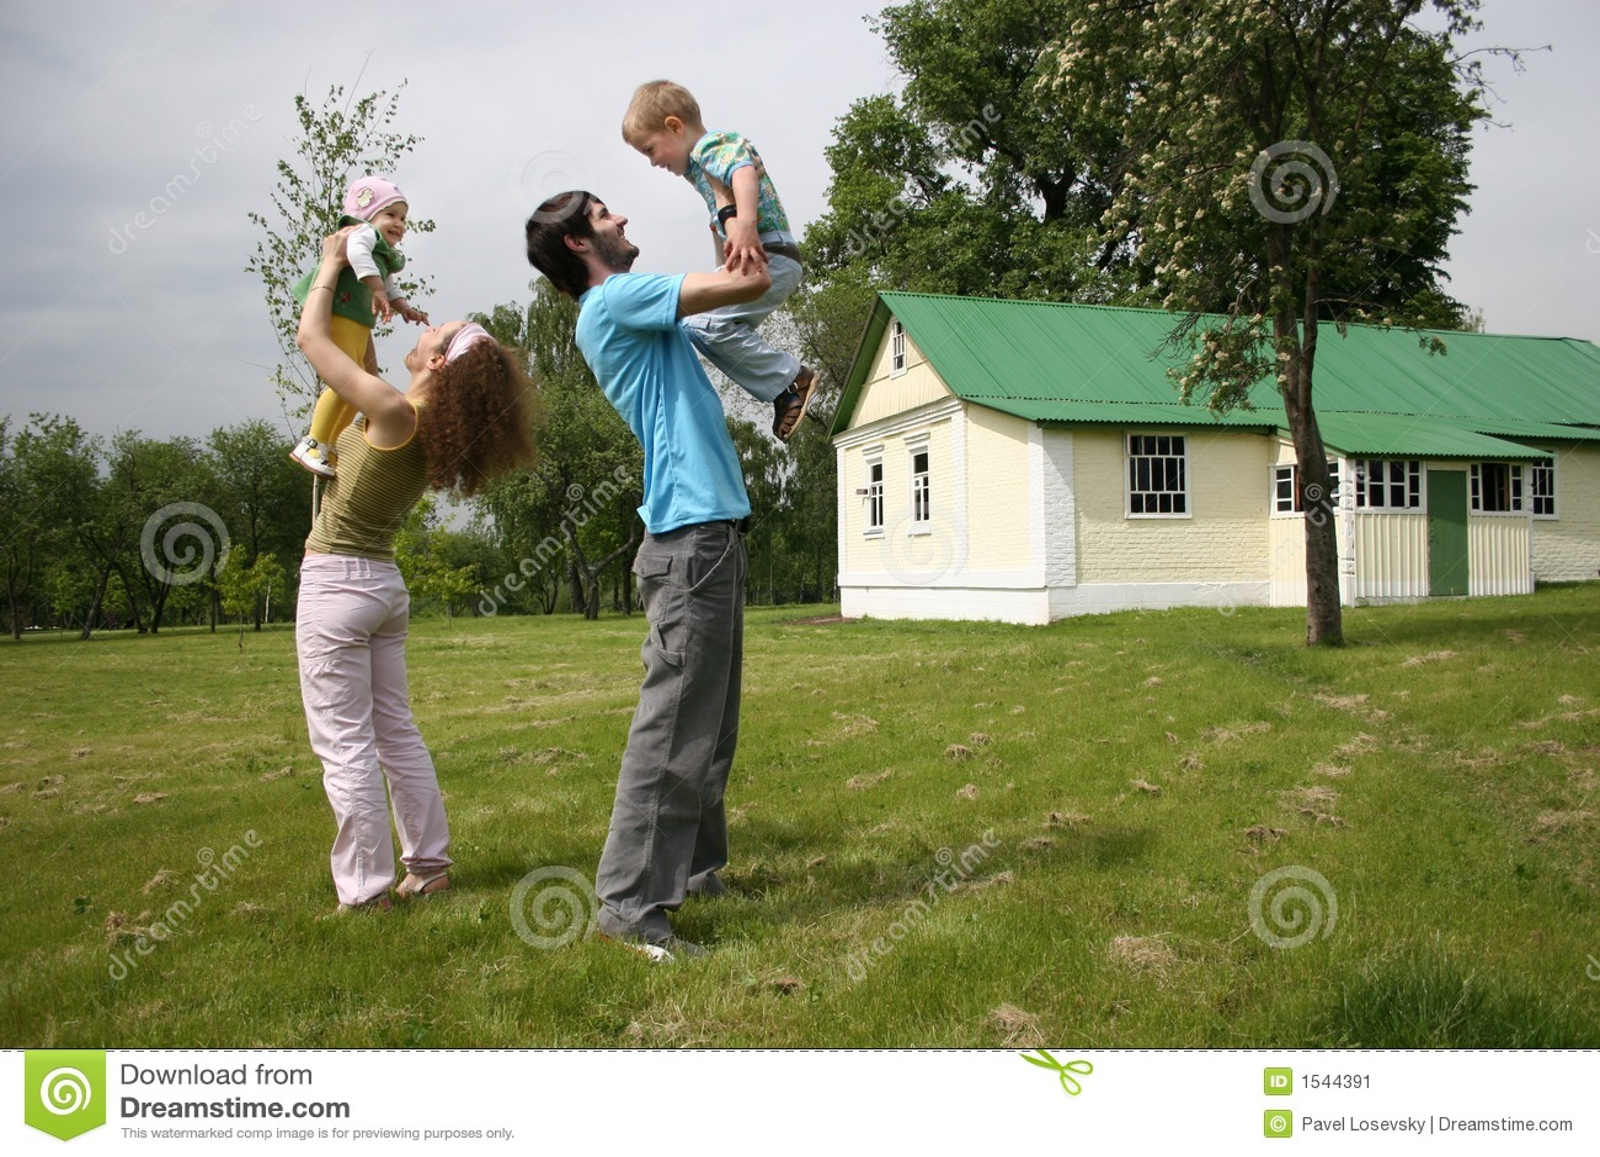 Agregado familiar com quatro membros na jarda